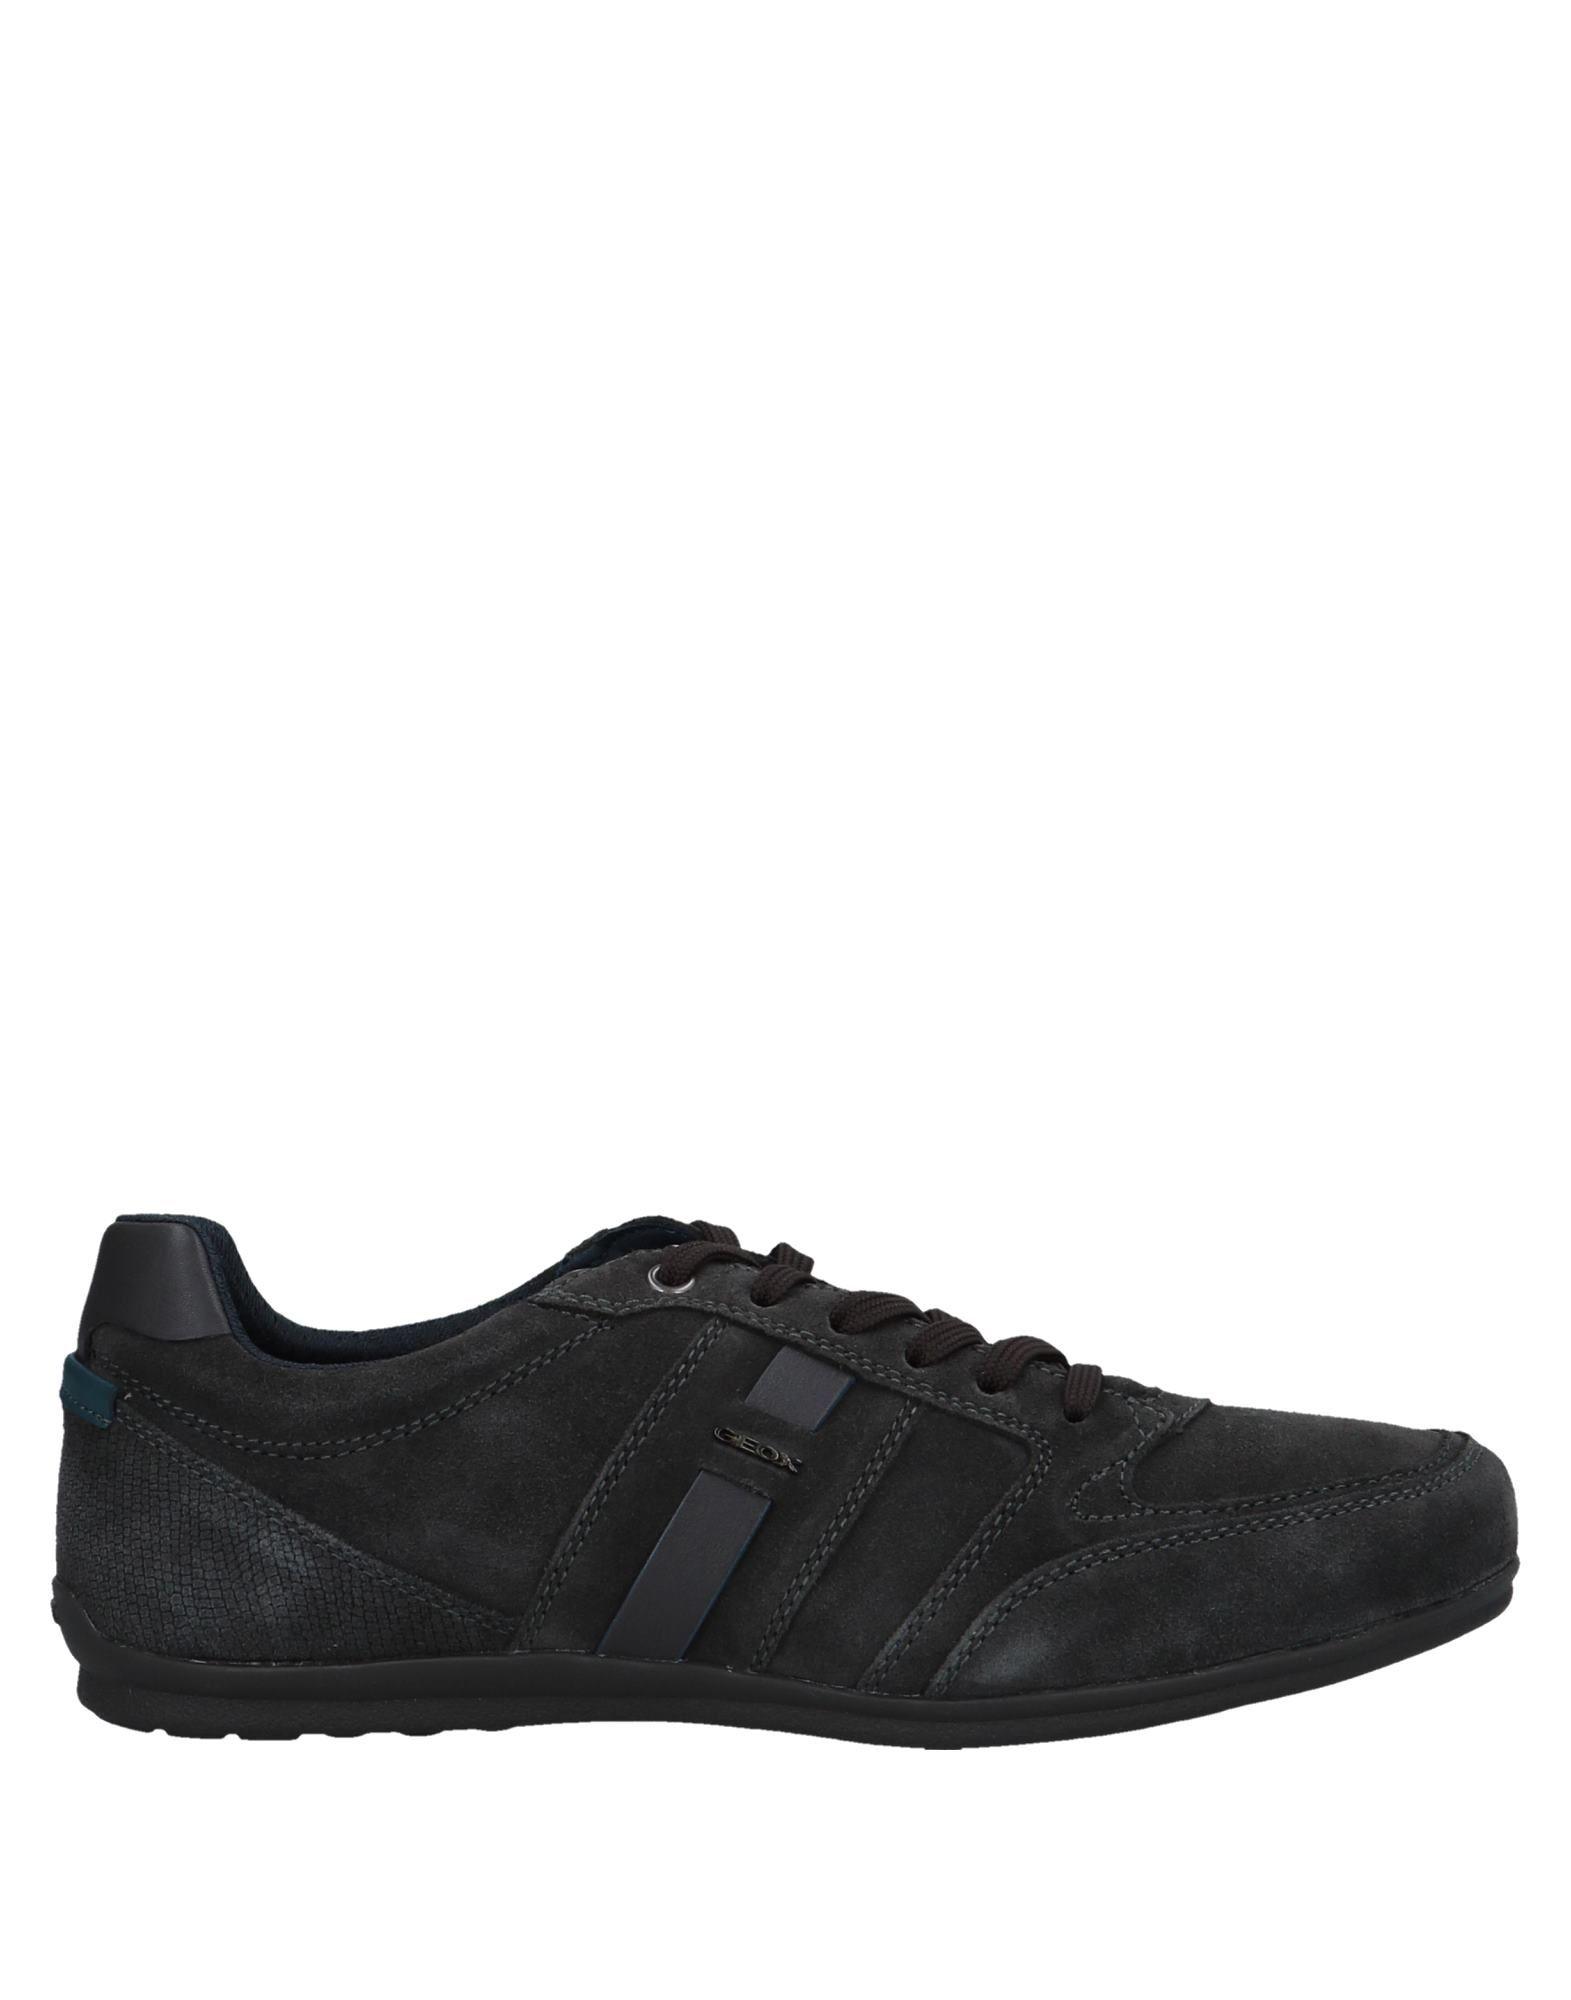 Sneakers Geox Homme - Sneakers Geox  Gris Super rabais